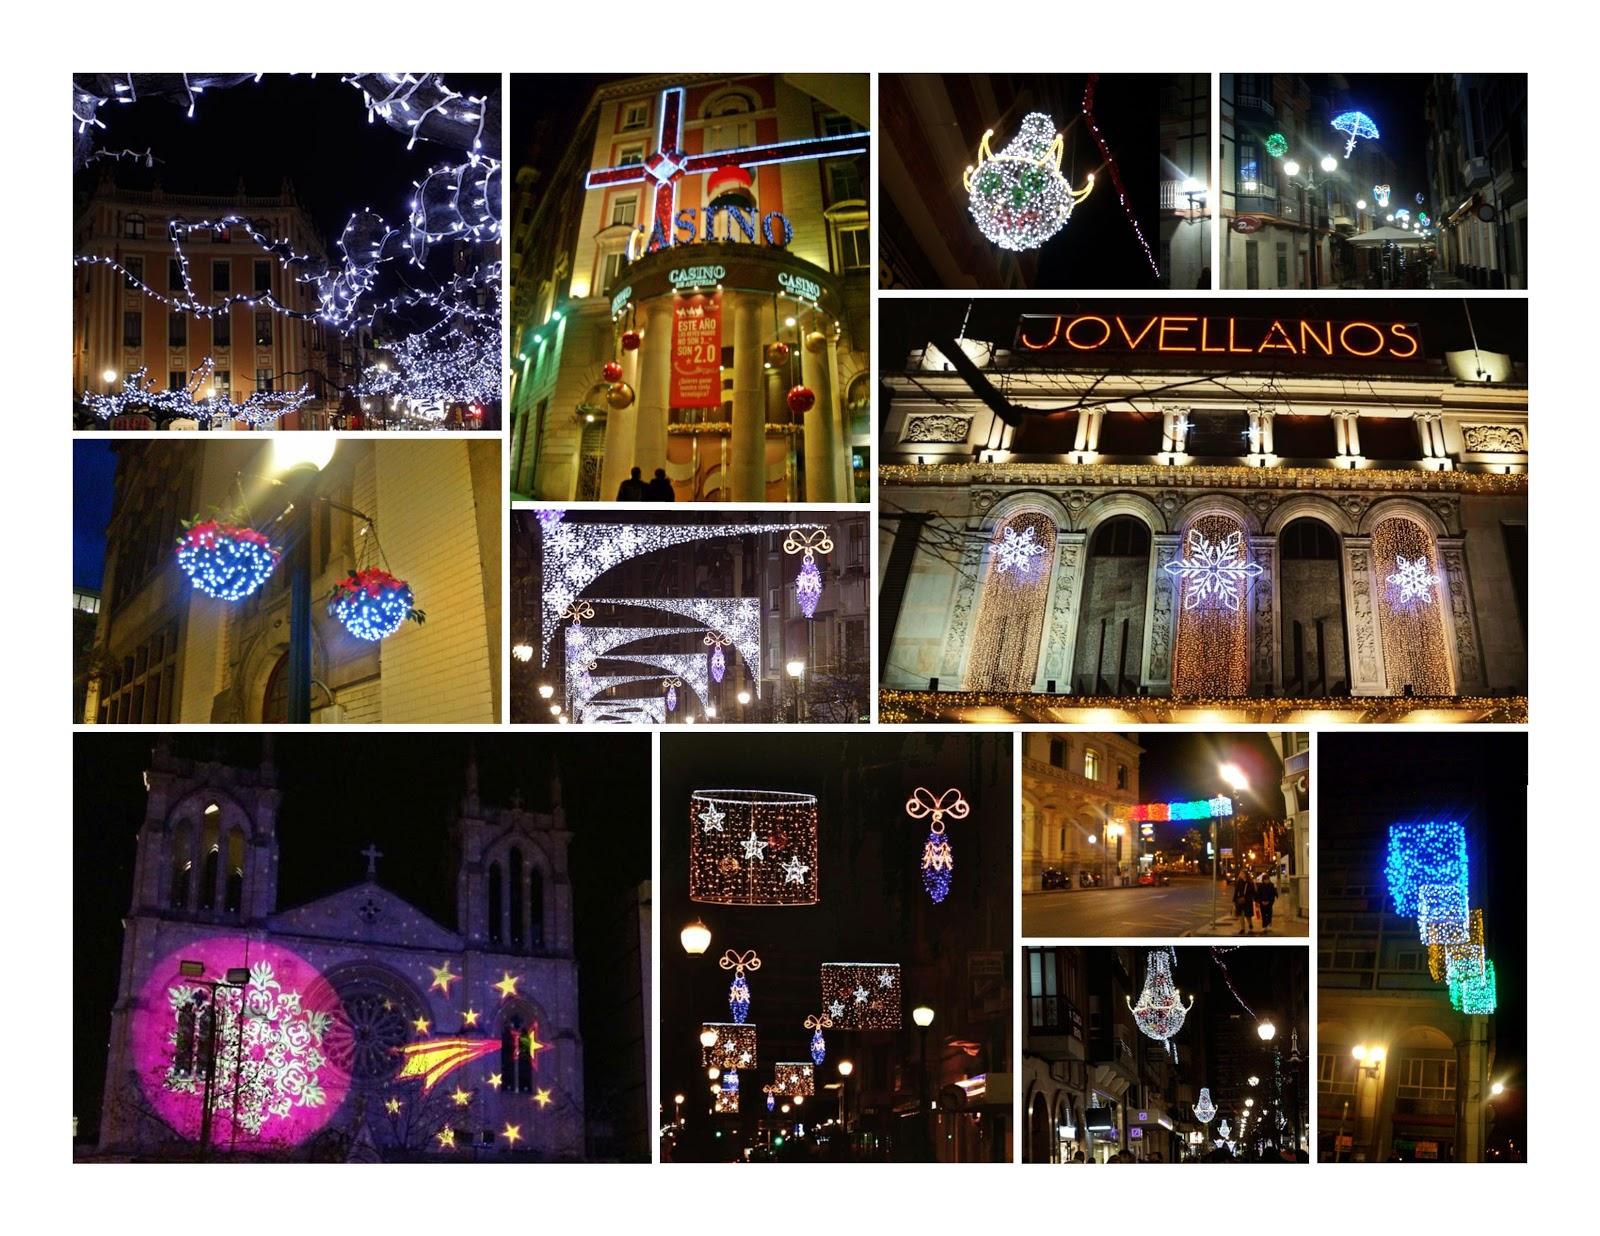 navidad christmas gijon luces alumbrado 2012